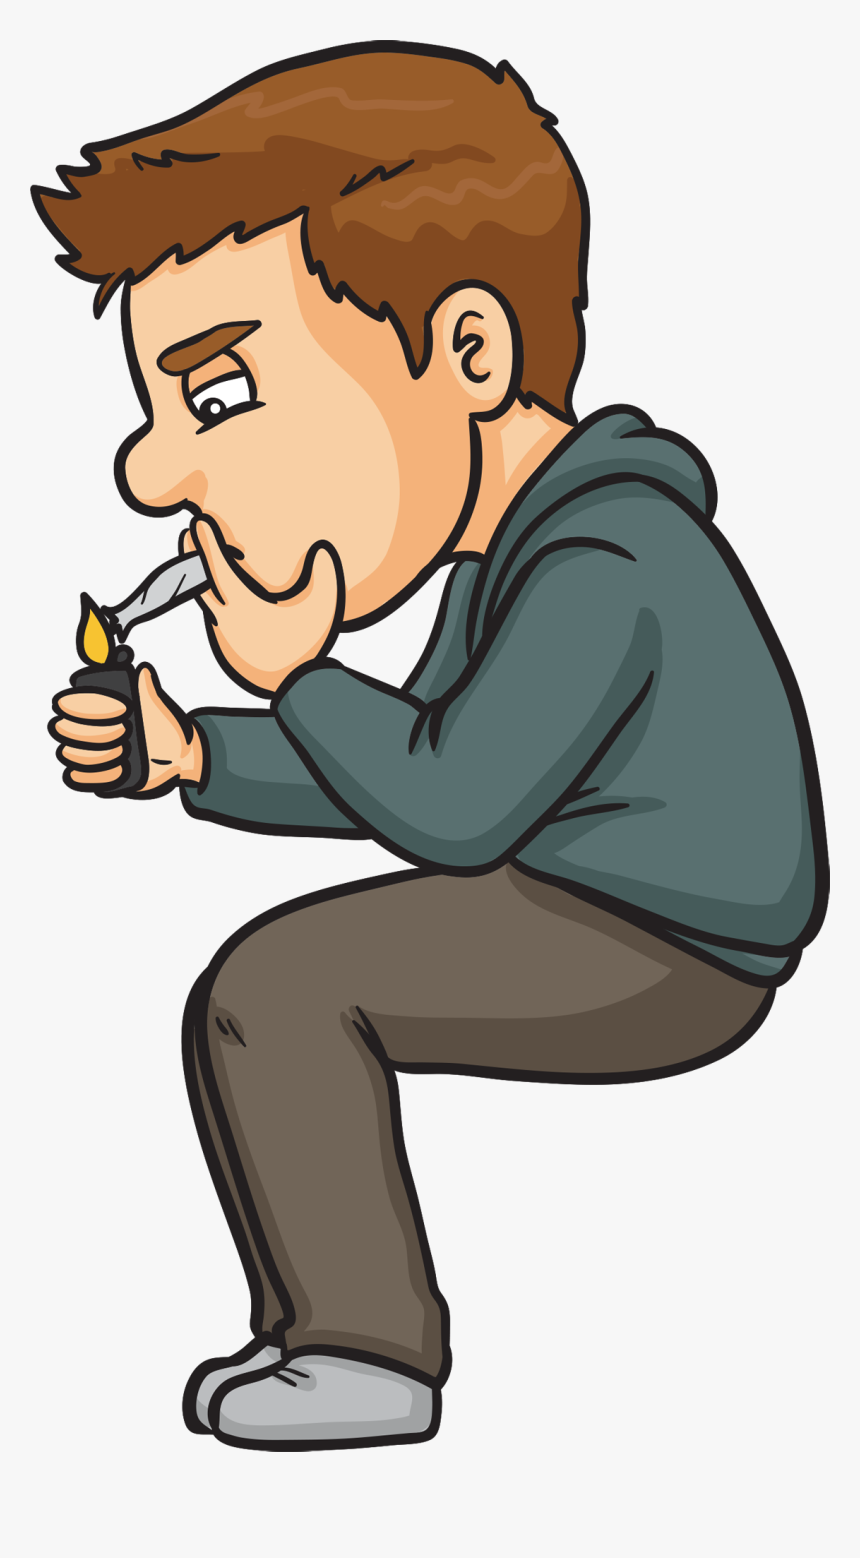 Buy Best Weed Accessories Wrangell Ak - Cartoon Guy Smoking Weed, HD Png Download, Free Download